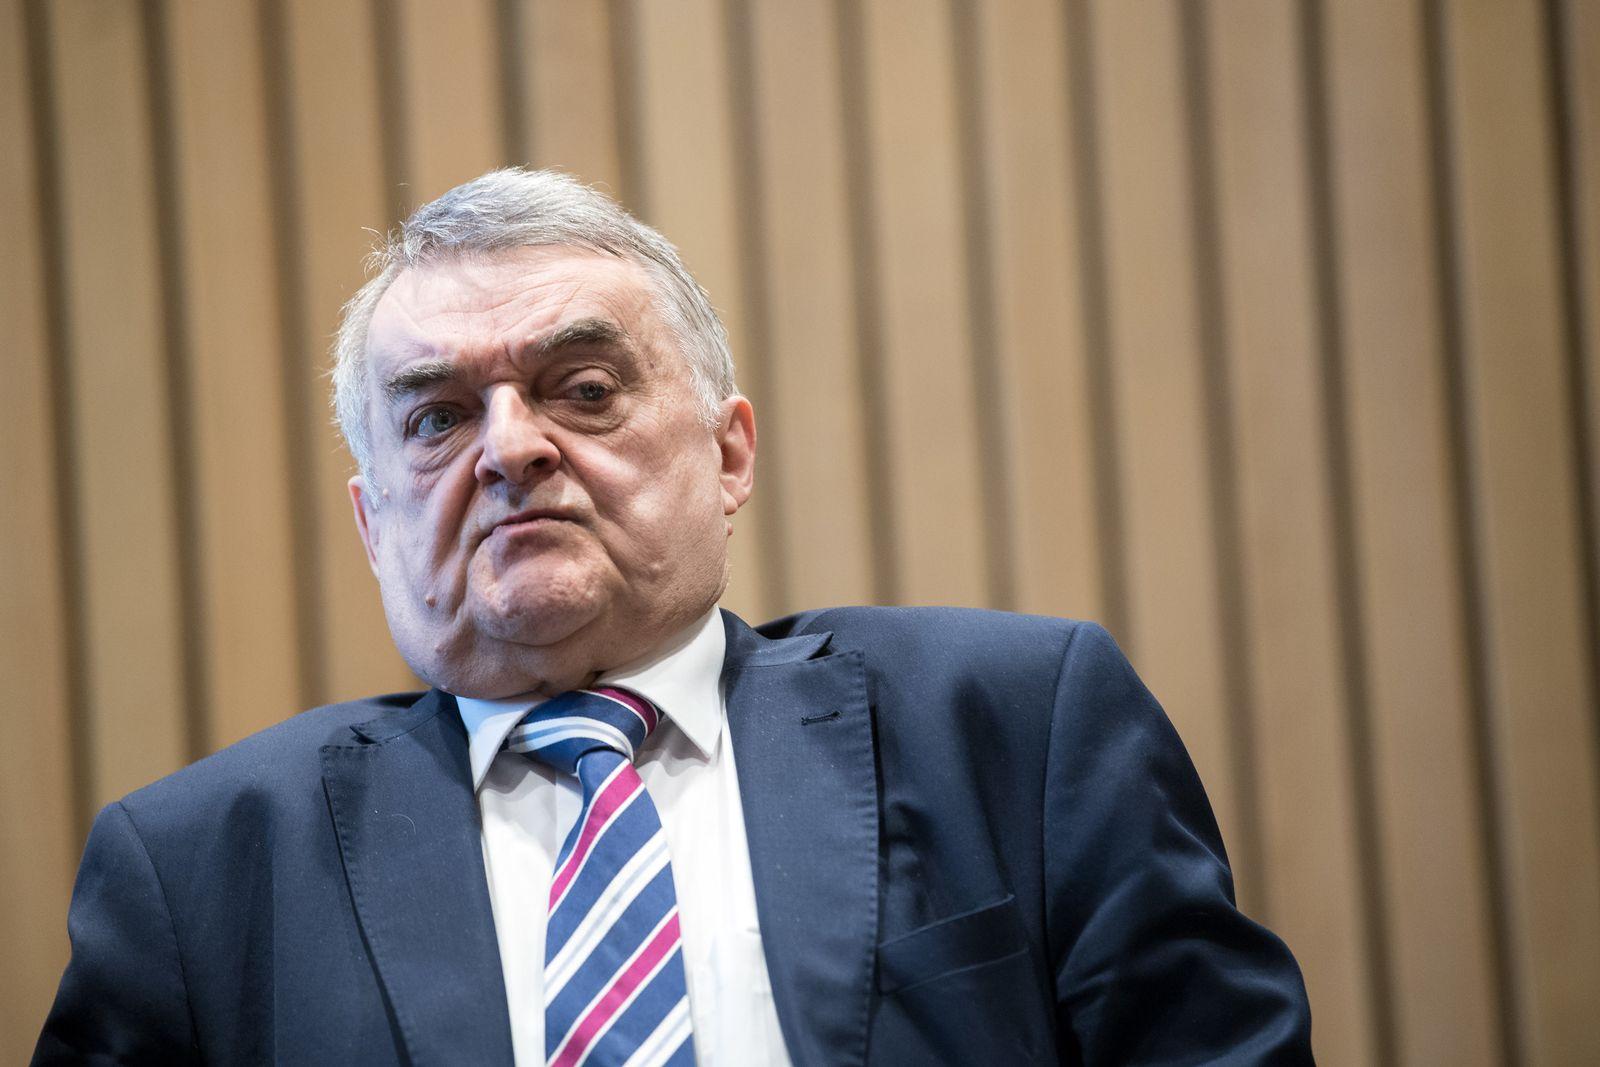 Innenausschuss des Landtags NRW